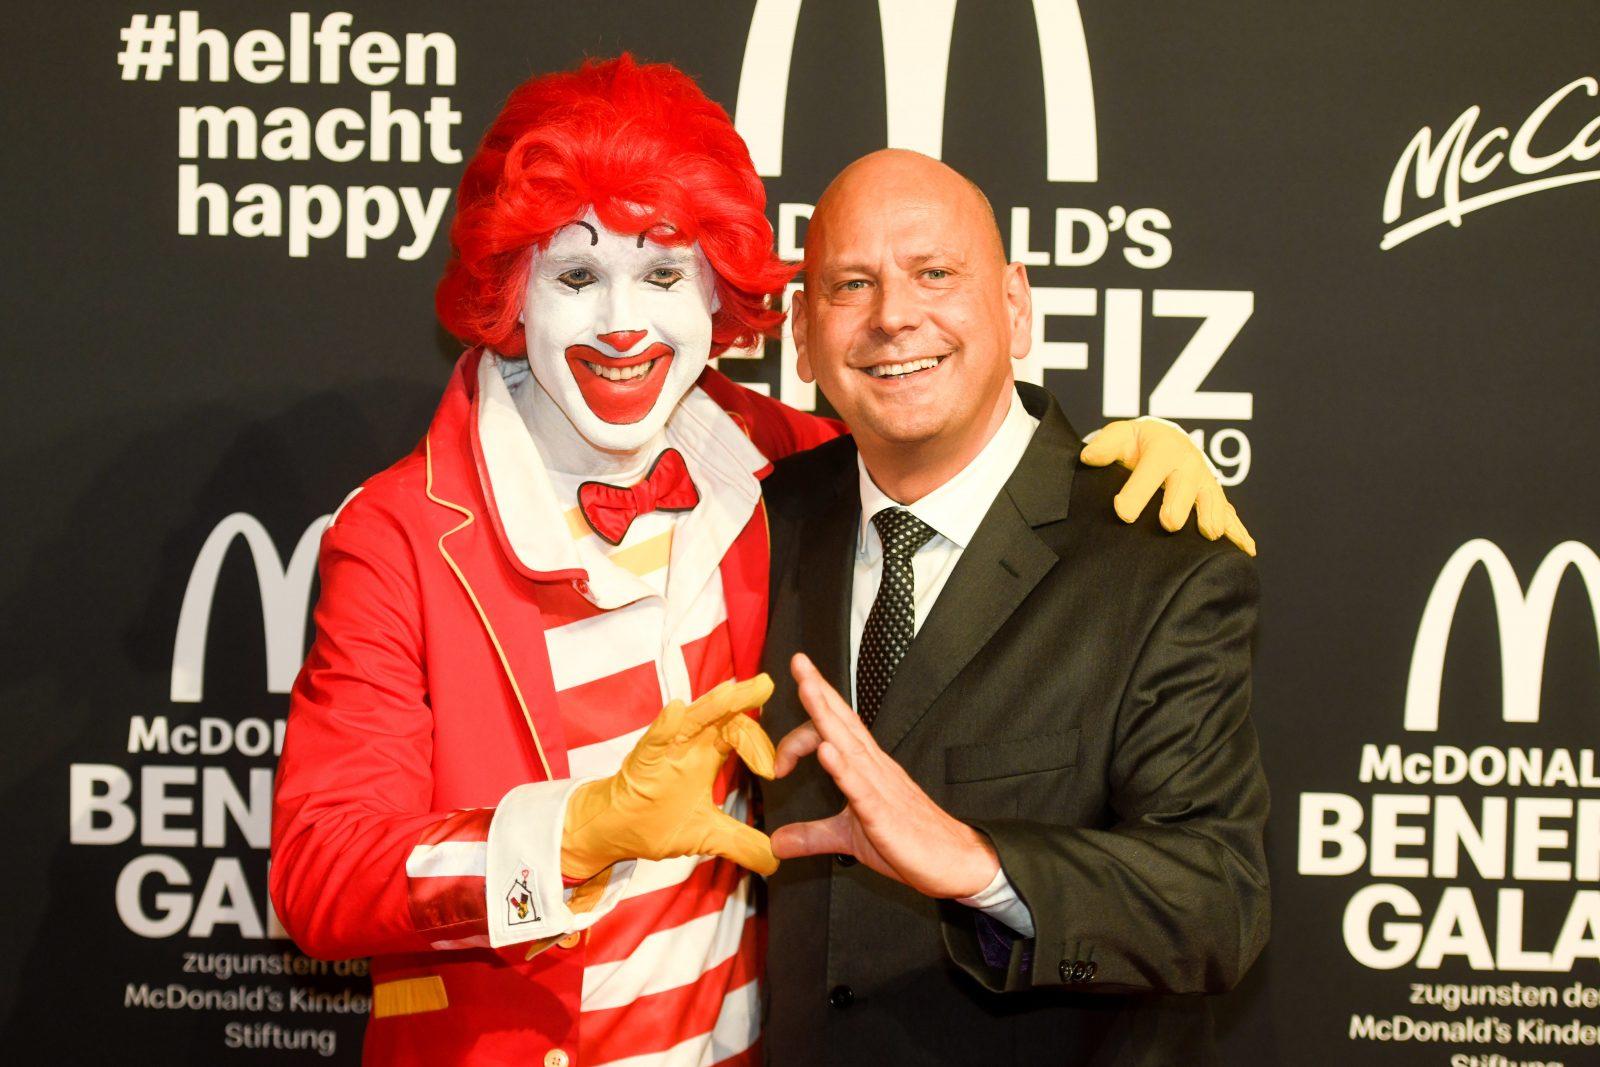 Benefiz-Gala für die McDonald's Kinderhilfe Stiftung